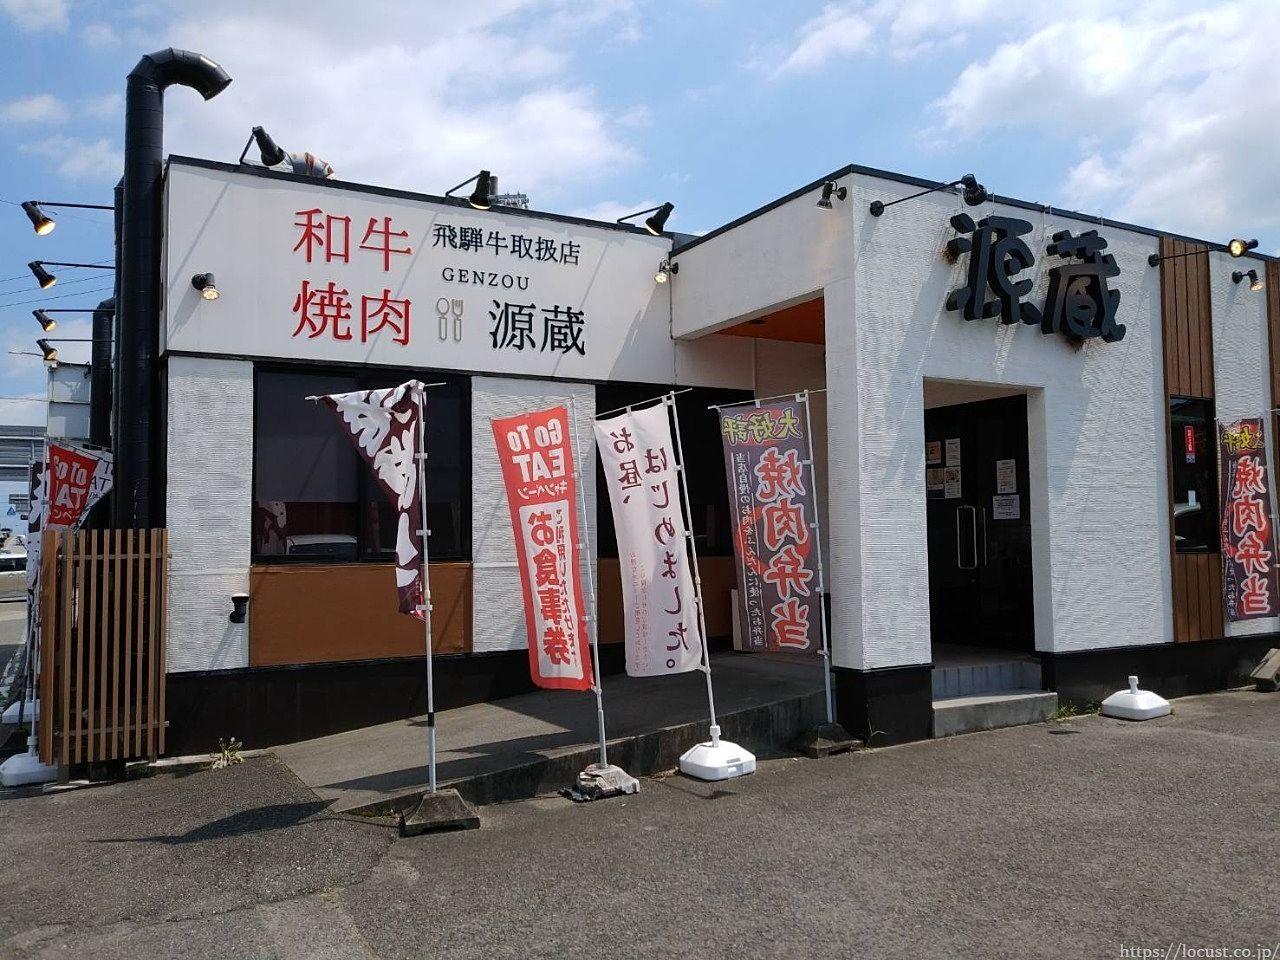 高校野球の名門 愛知 県立大府高校の北隣です。